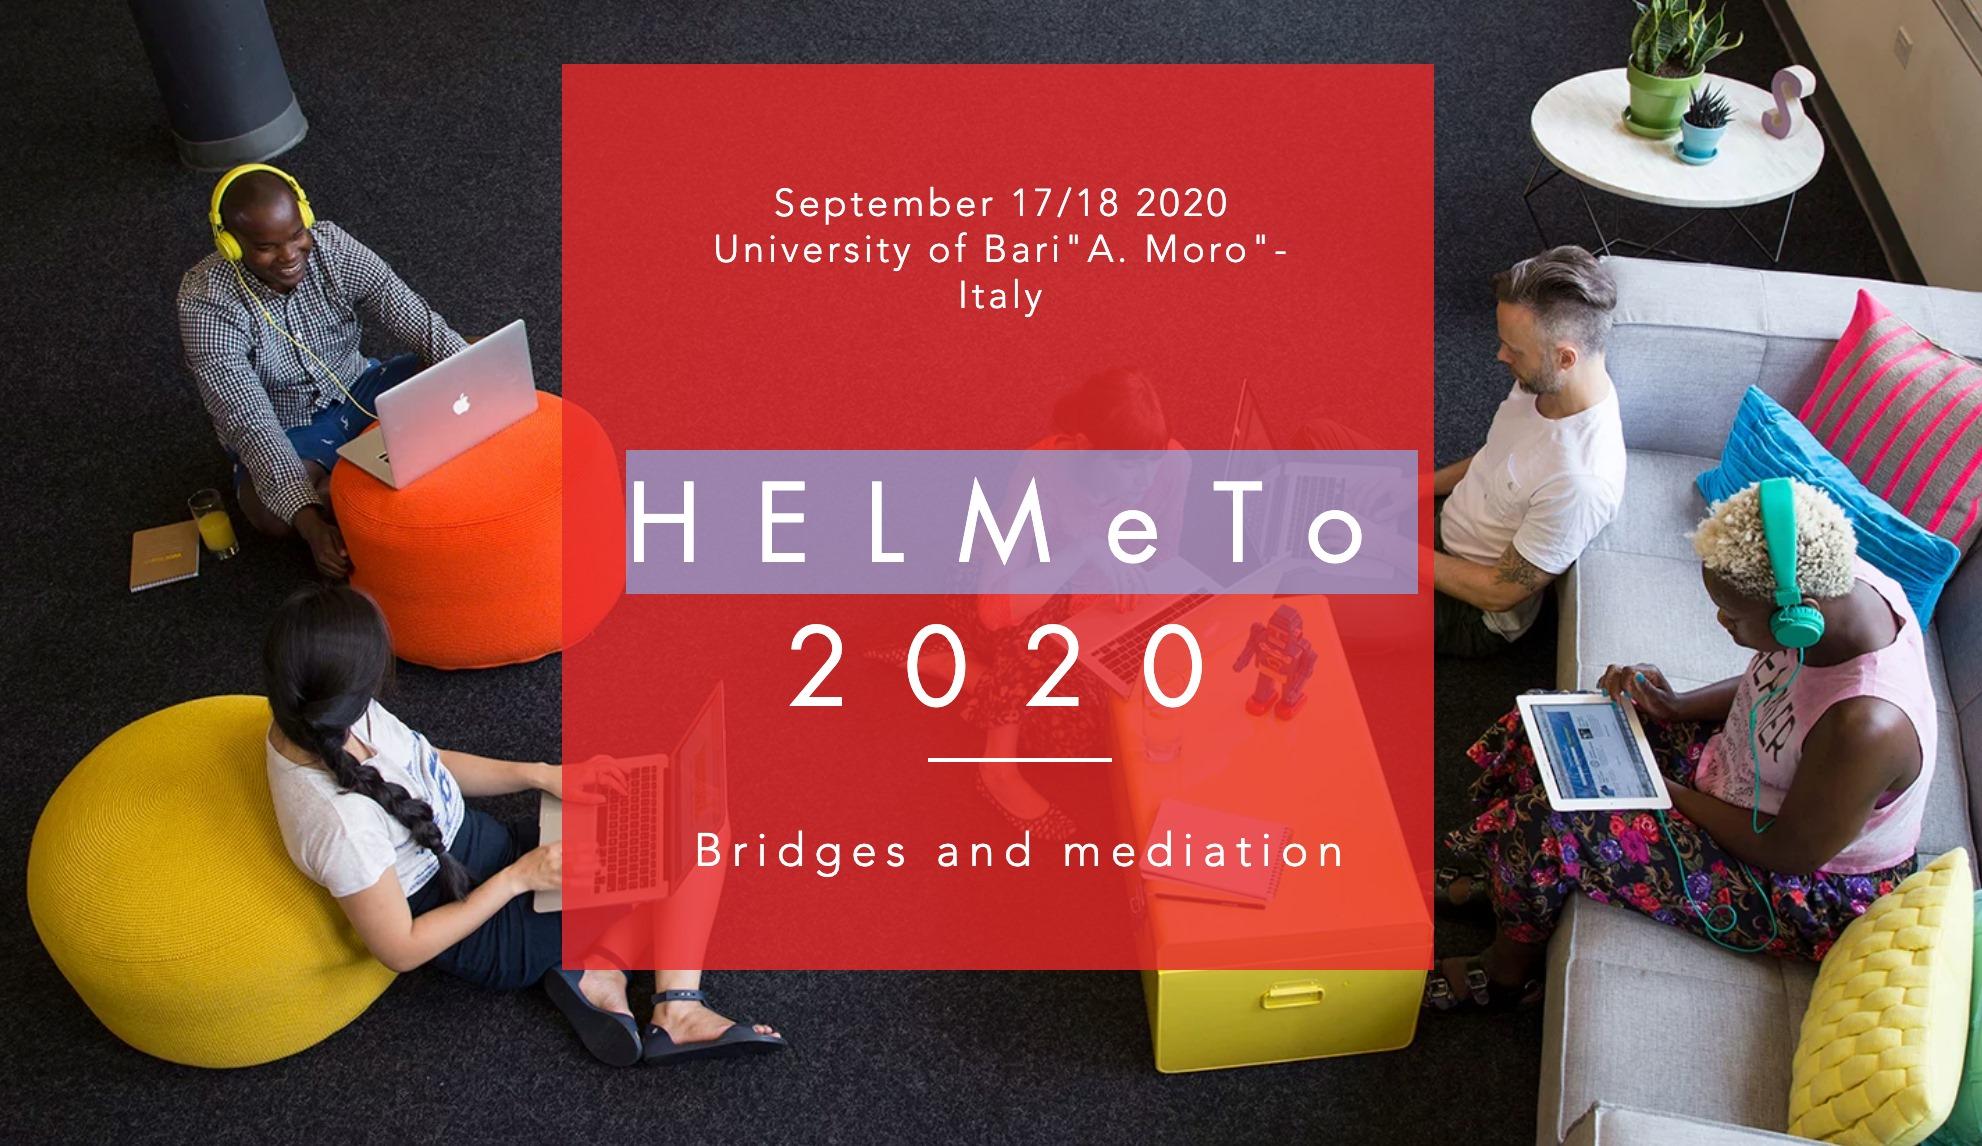 HELMeTO-2020, un workshop internazionale per la didattica universitaria telematica